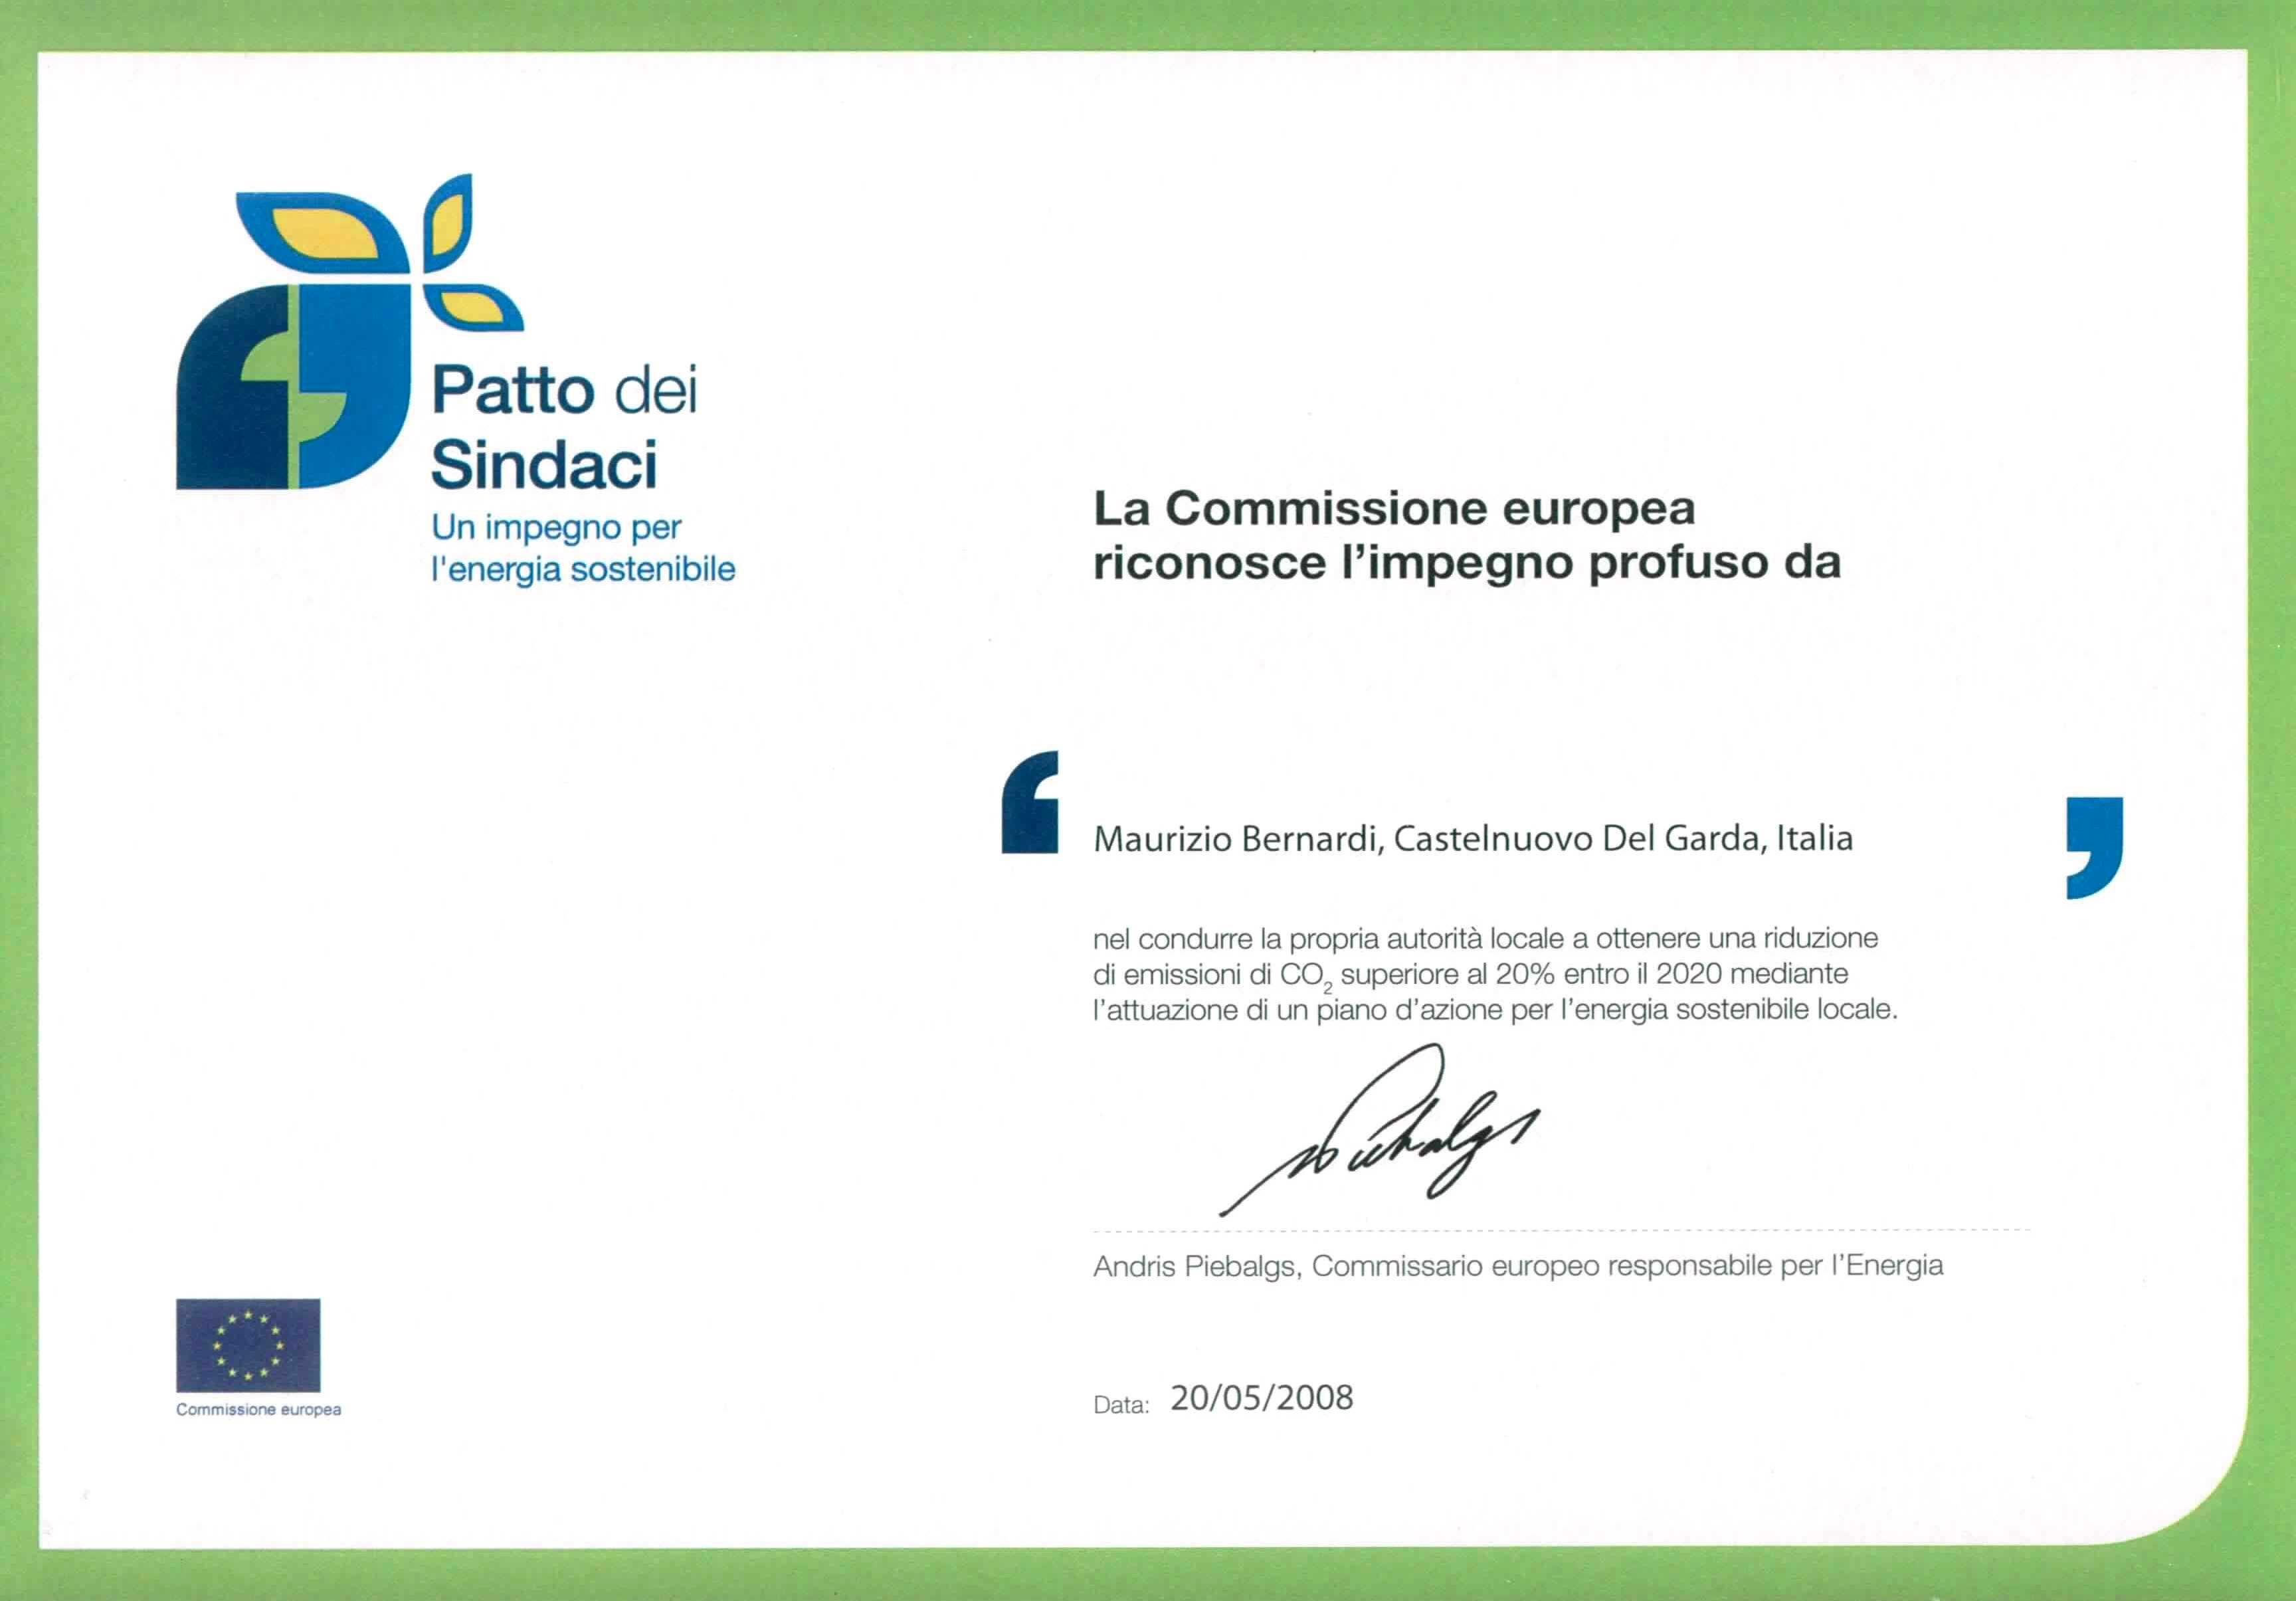 """Foto del riconoscimento Europeo """"Patto dei Sindaci"""""""